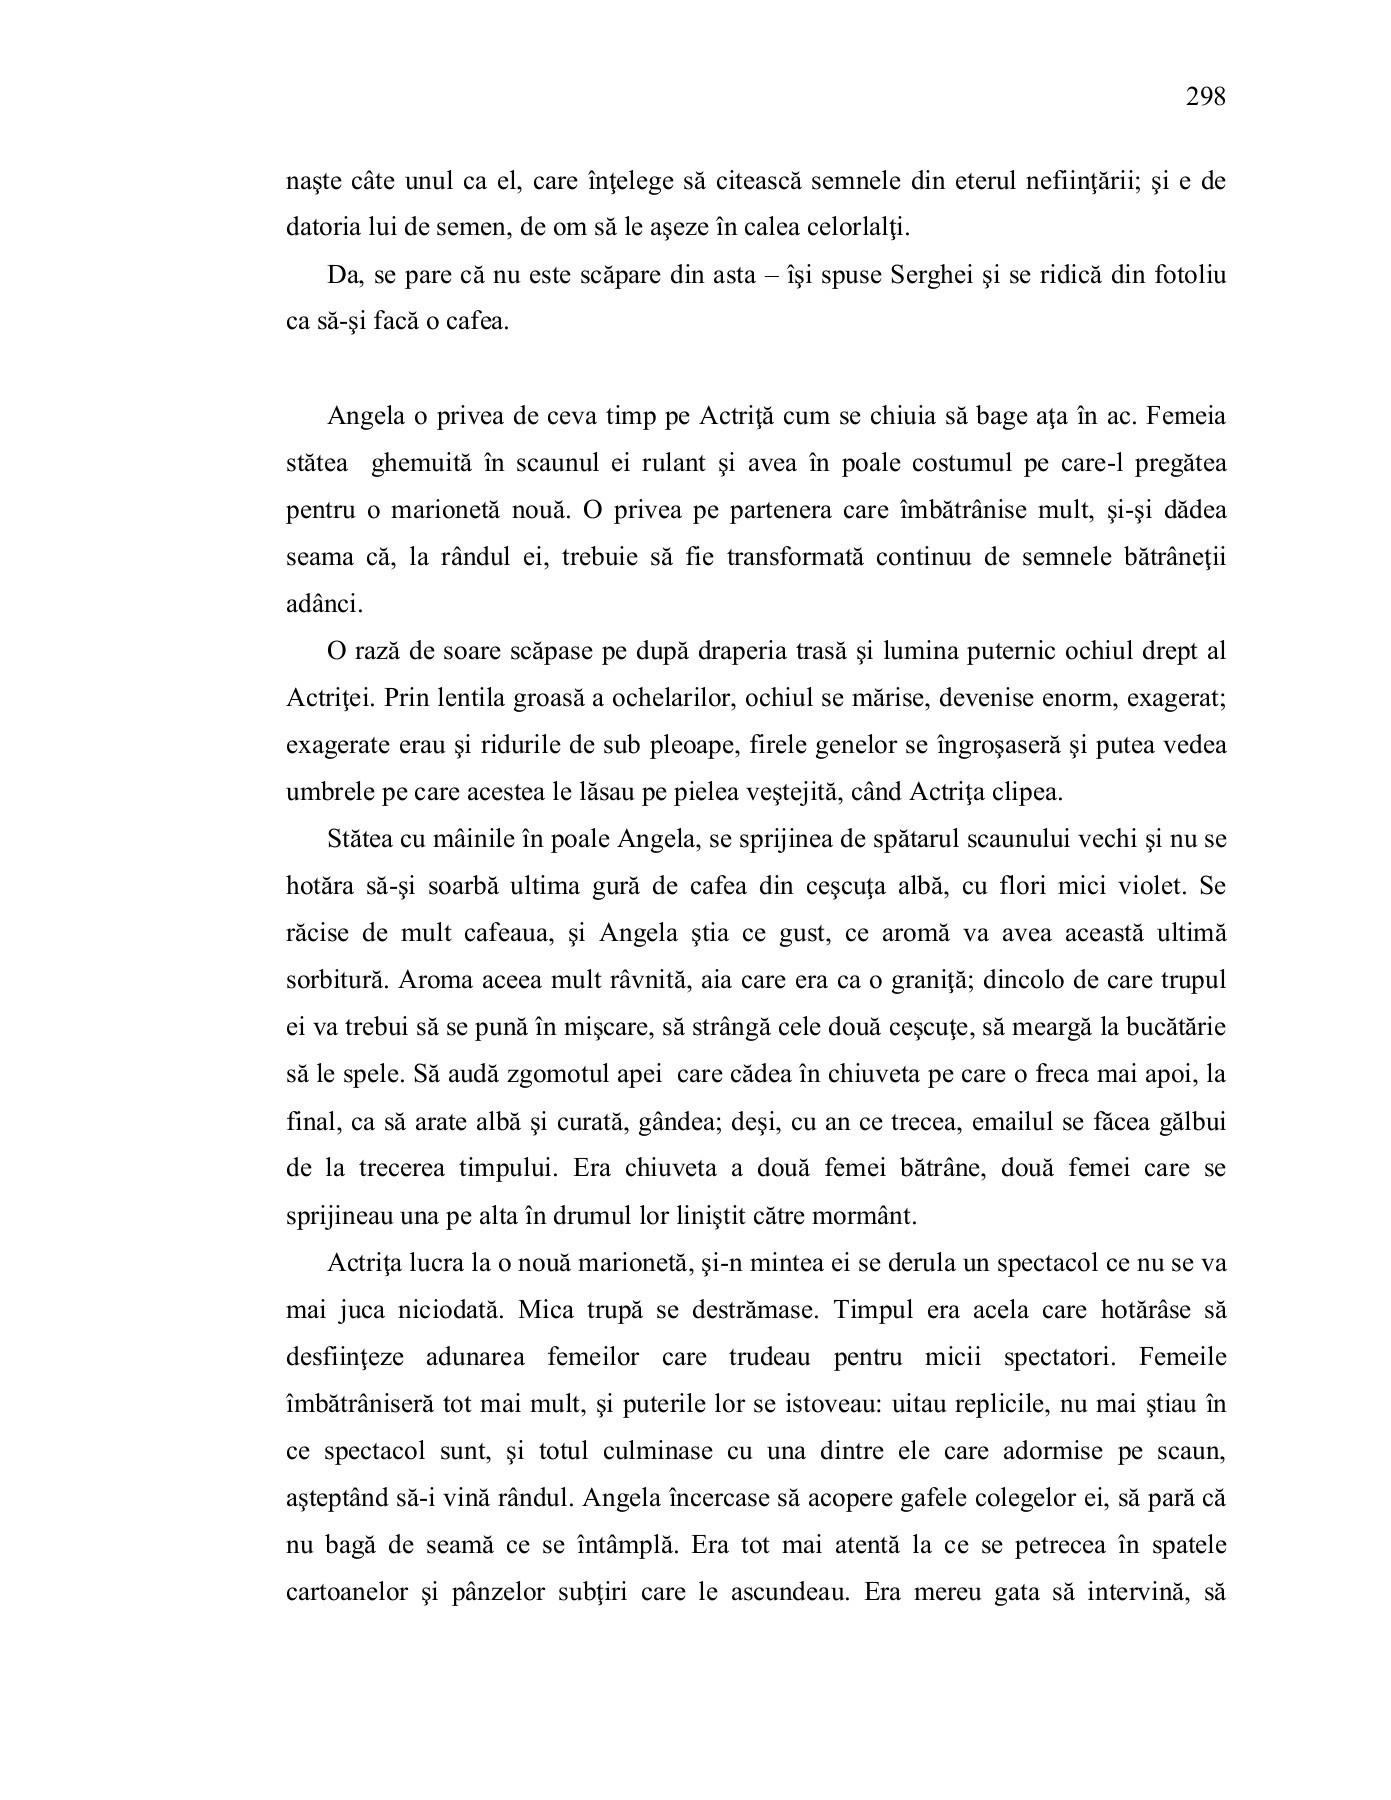 Holy Bible, New Romanian Translation